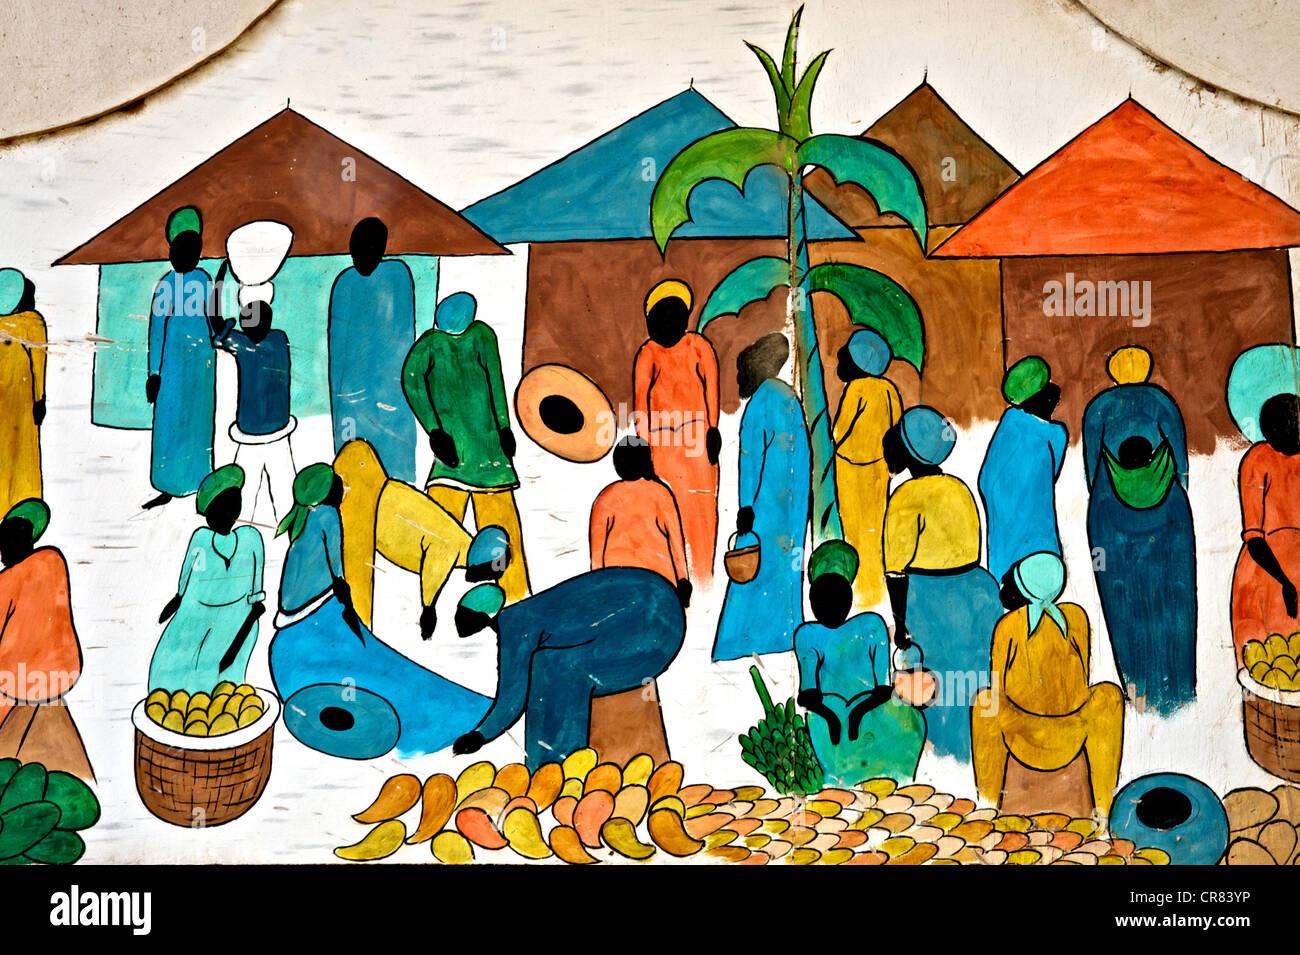 Künstlerischen Detail der bunte Zeichnung das afrikanische Leben Stockfoto